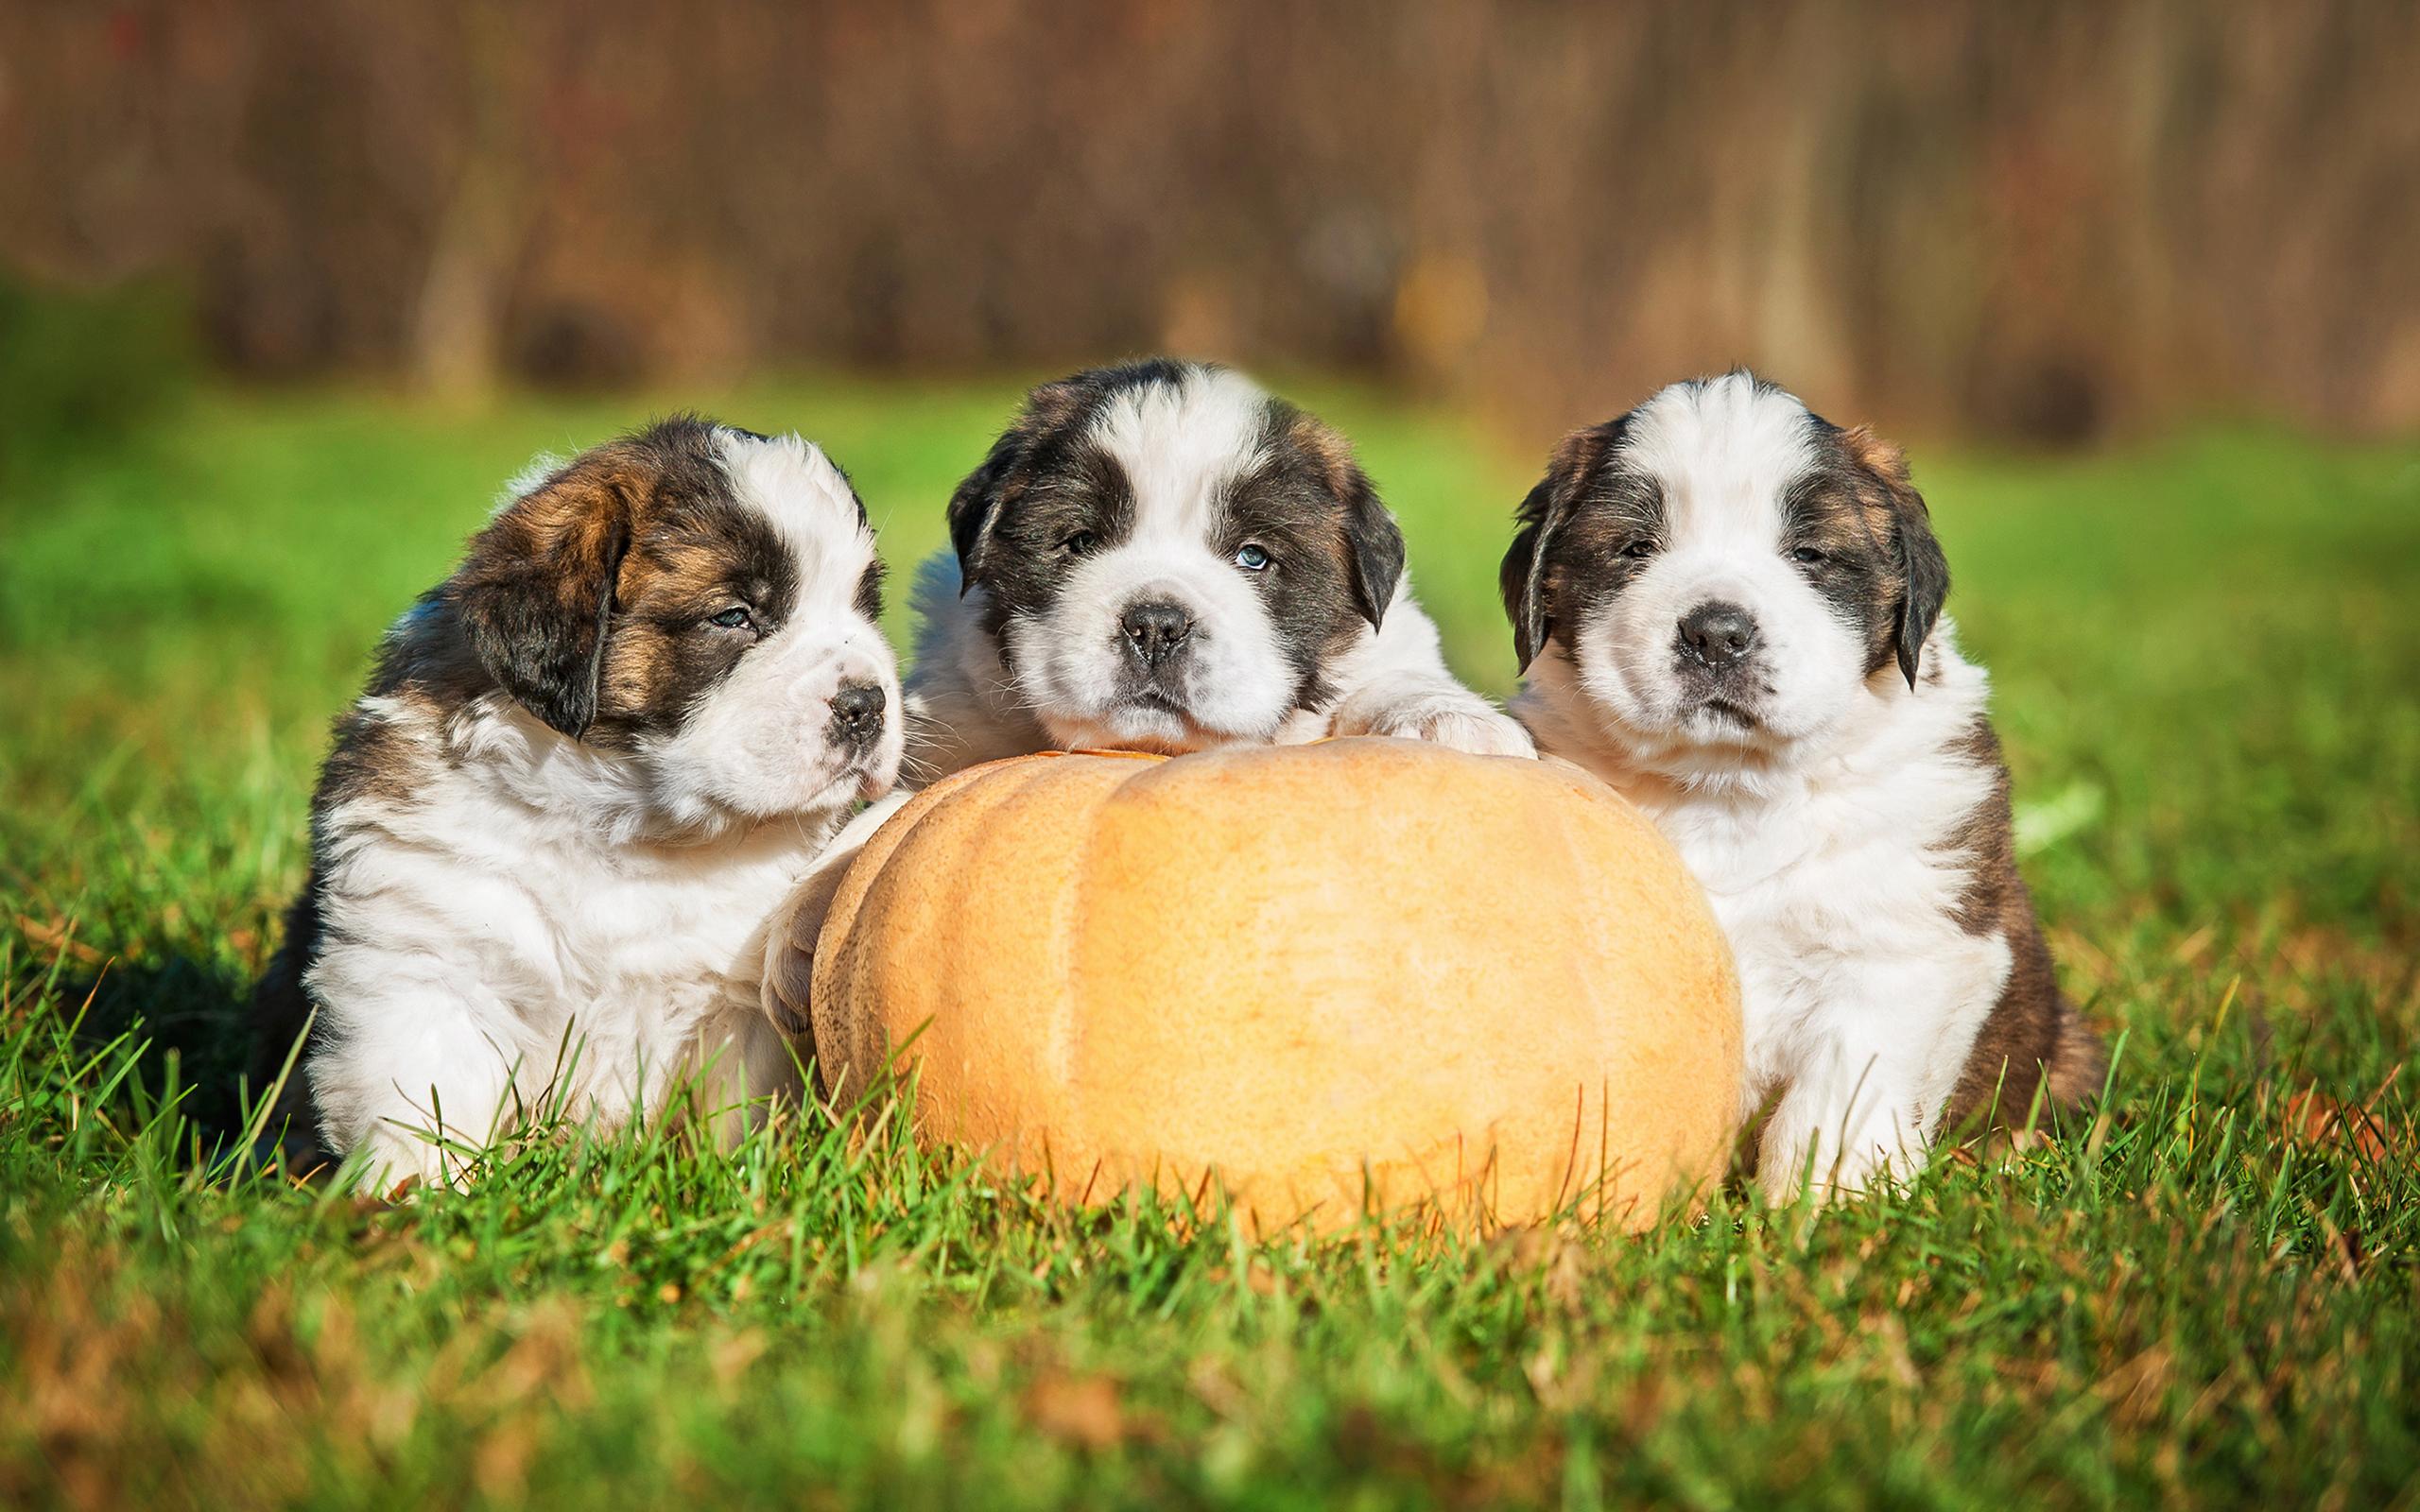 Dog Puppy Pumpkin 2560x1600